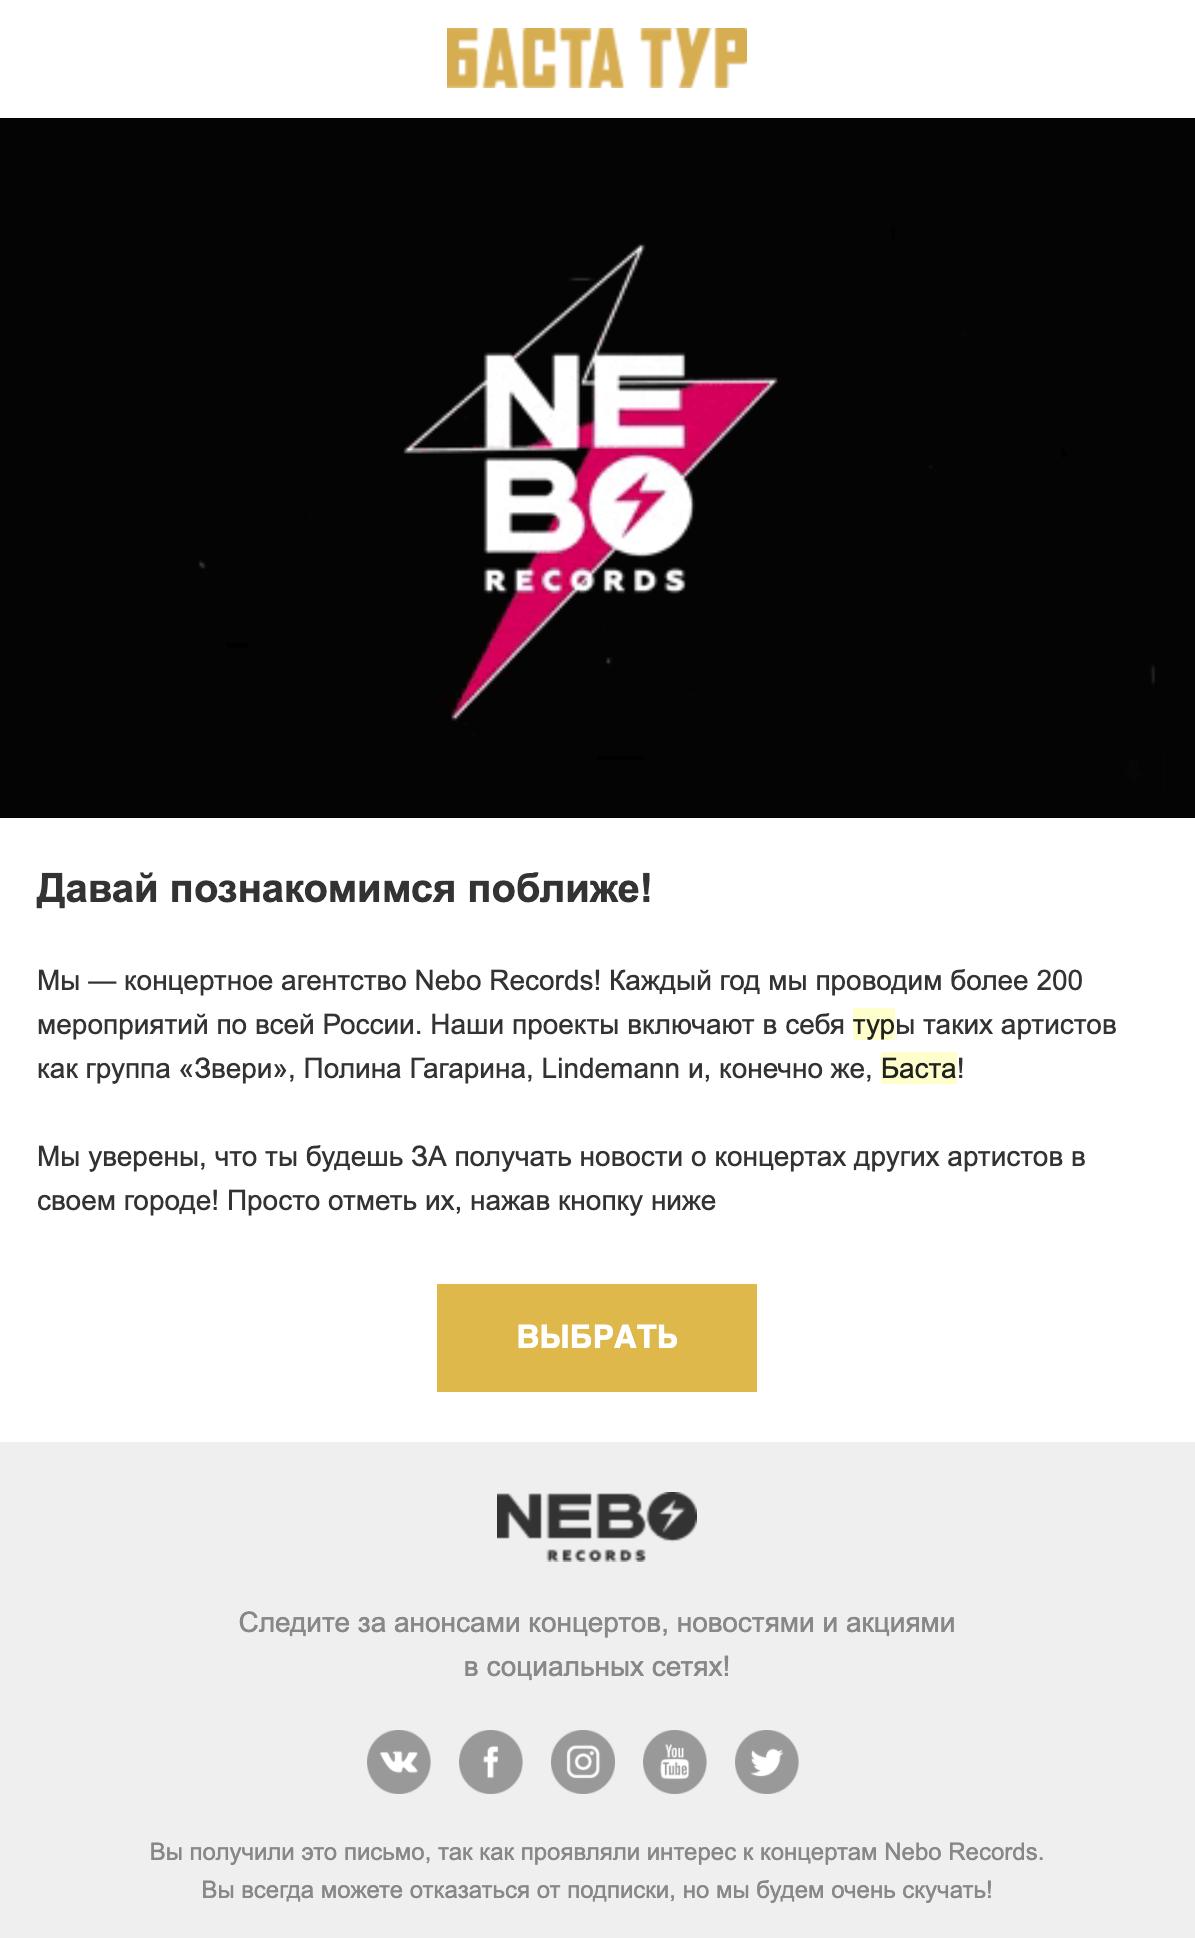 Запуск email-рассылок для сайта Баста Тур